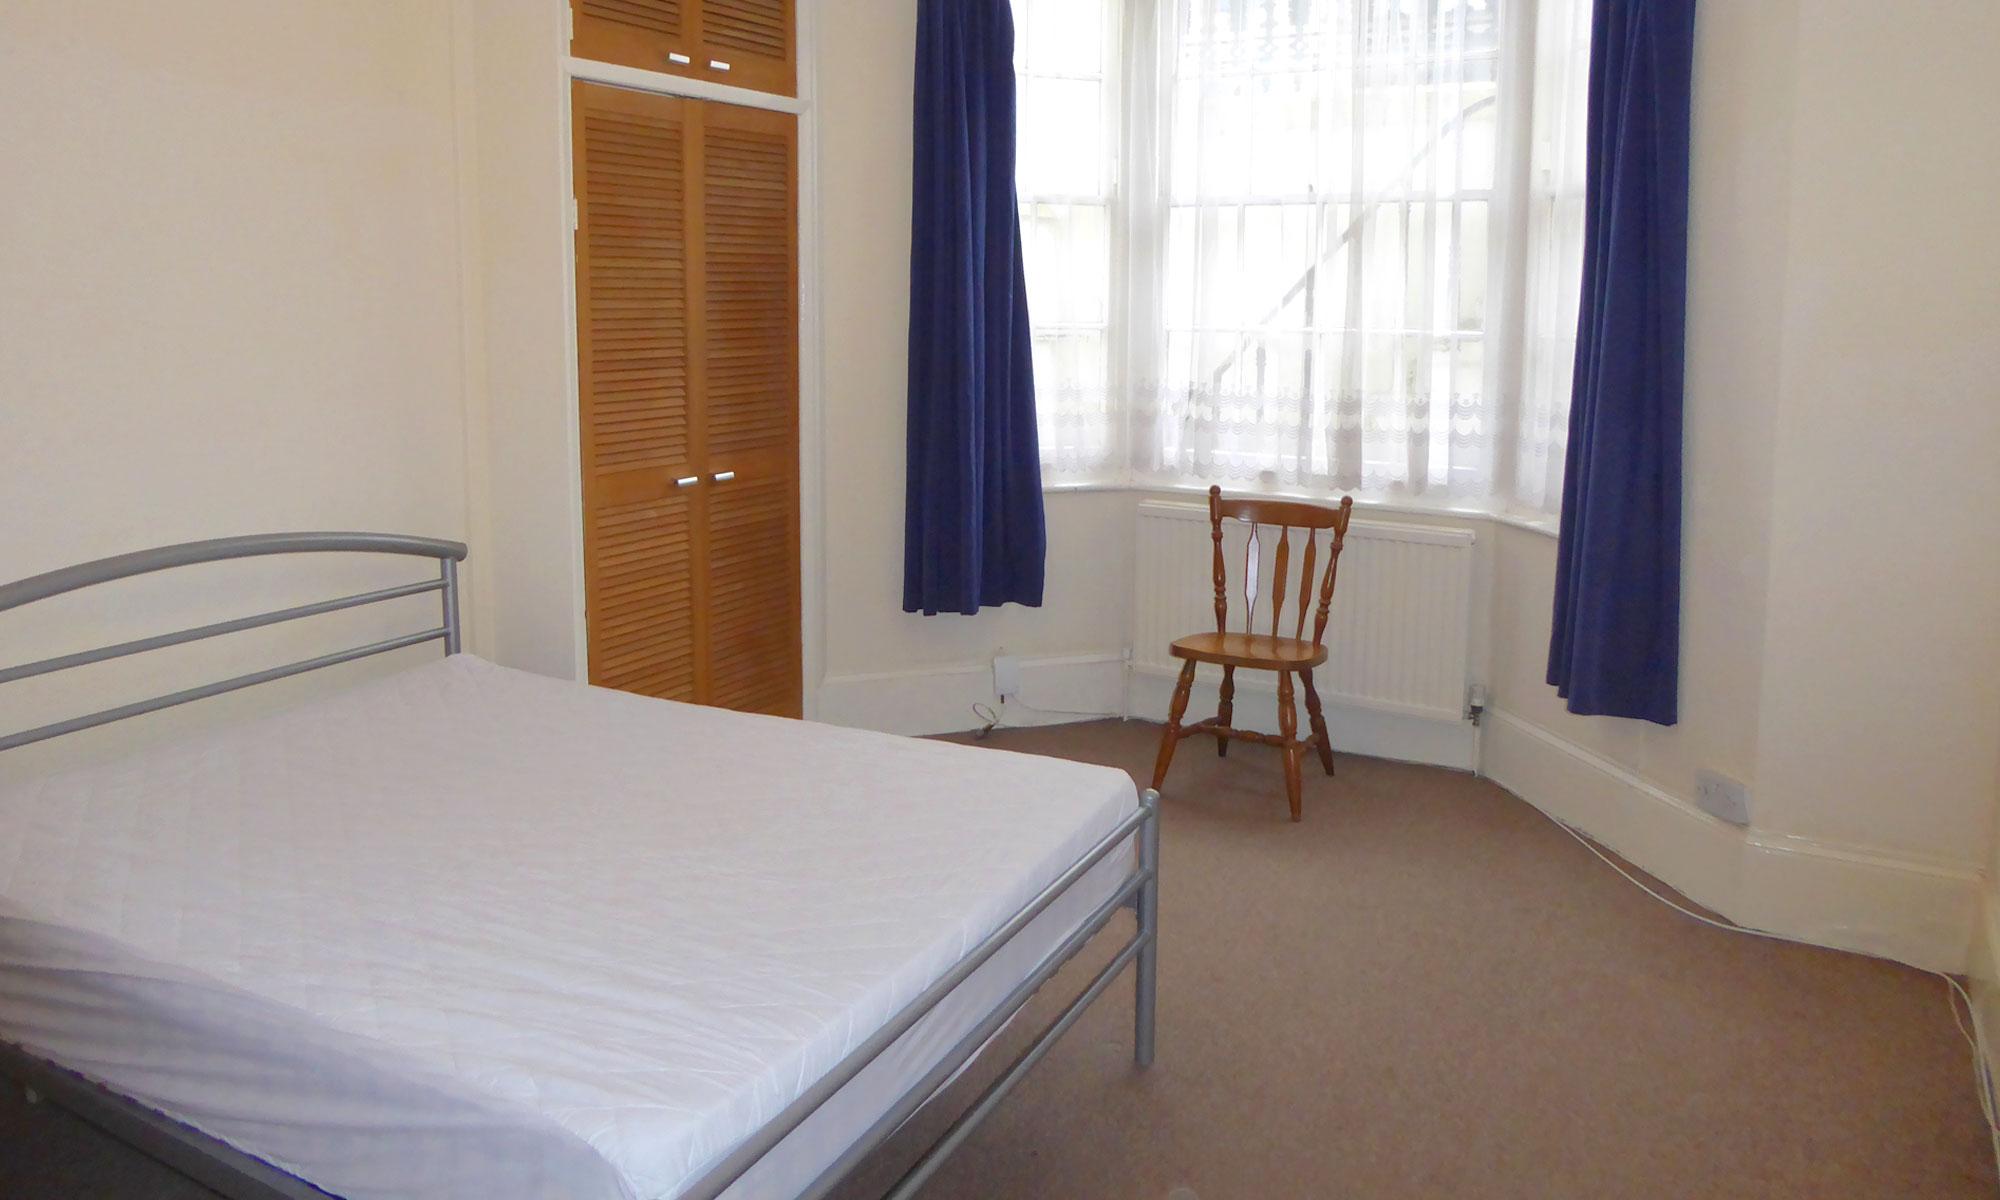 Powis-Road-one-bedroom-1-2